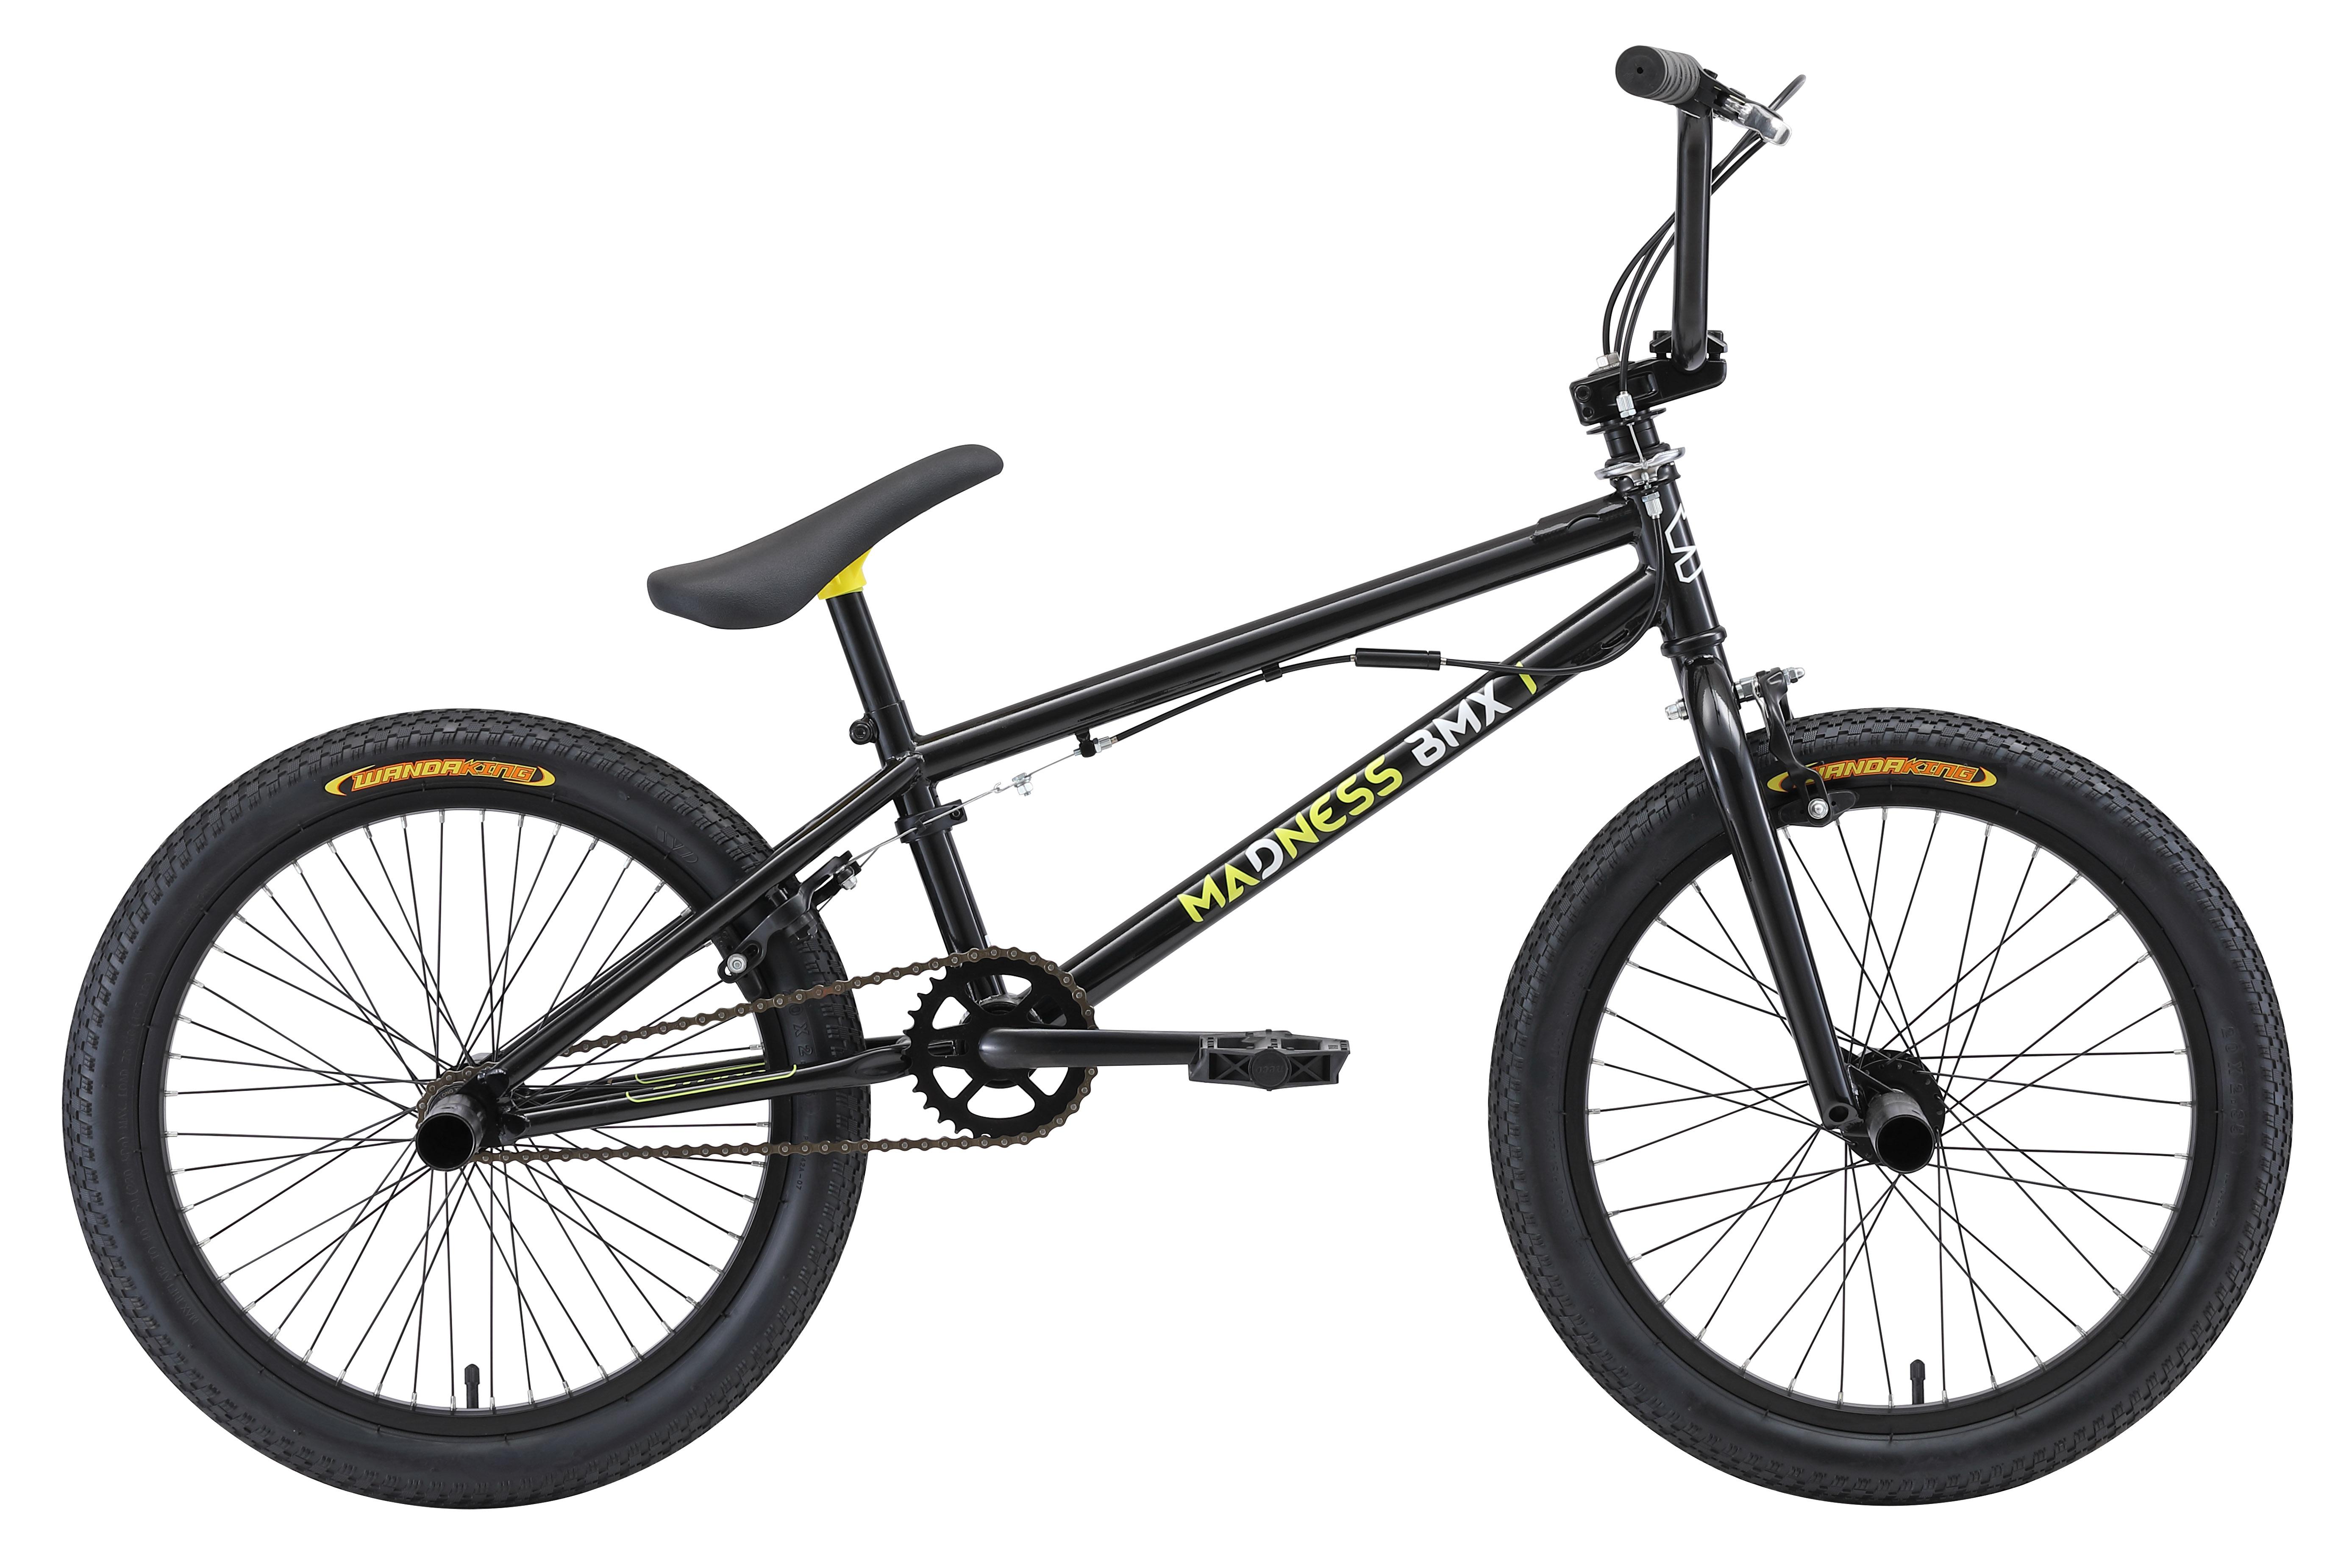 Велосипед Stark Madness BMX 1 (2018) зелёный/жёлтый/чёрный one sizeBMX<br><br><br>бренд: STARK<br>год: 2018<br>рама: Сталь (Hi-Ten)<br>вилка: Жесткая (сталь)<br>блокировка амортизатора: Нет<br>диаметр колес: 20<br>тормоза: Клещевые (U-brake)<br>уровень оборудования: Начальный<br>количество скоростей: 1<br>Цвет: зелёный/жёлтый/чёрный<br>Размер: one size